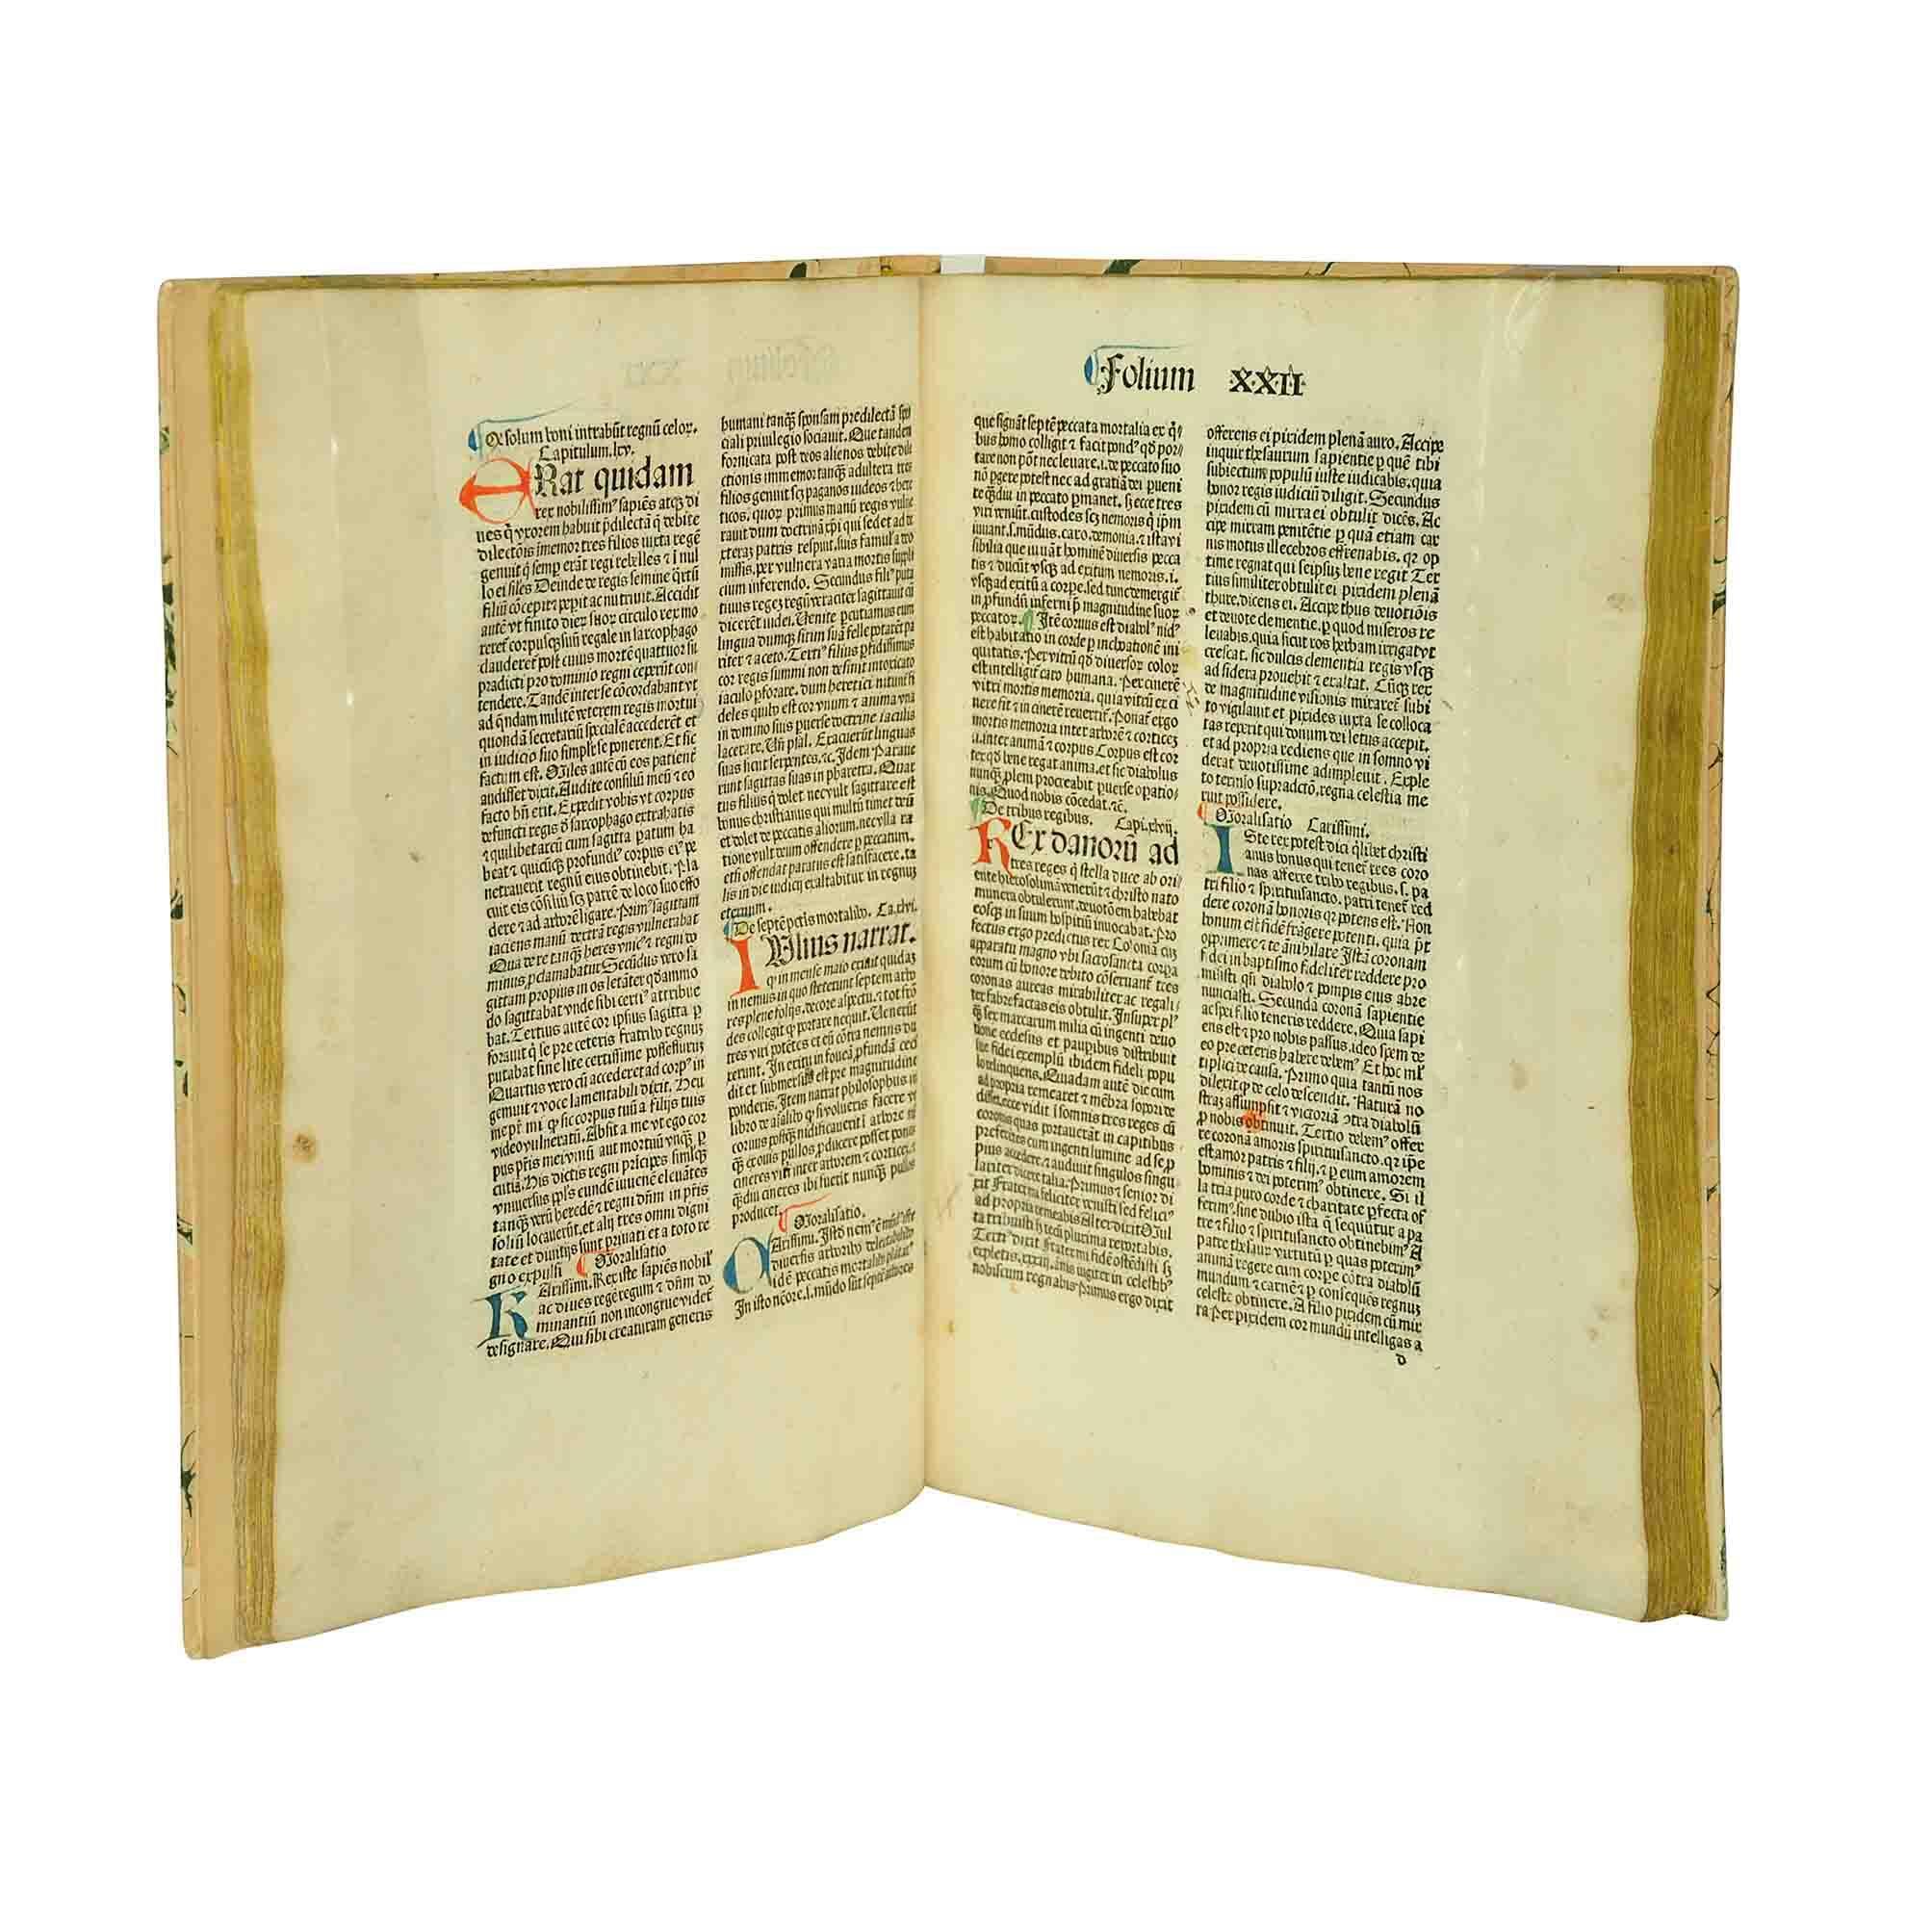 Gesta Romanorum 1488 open A N